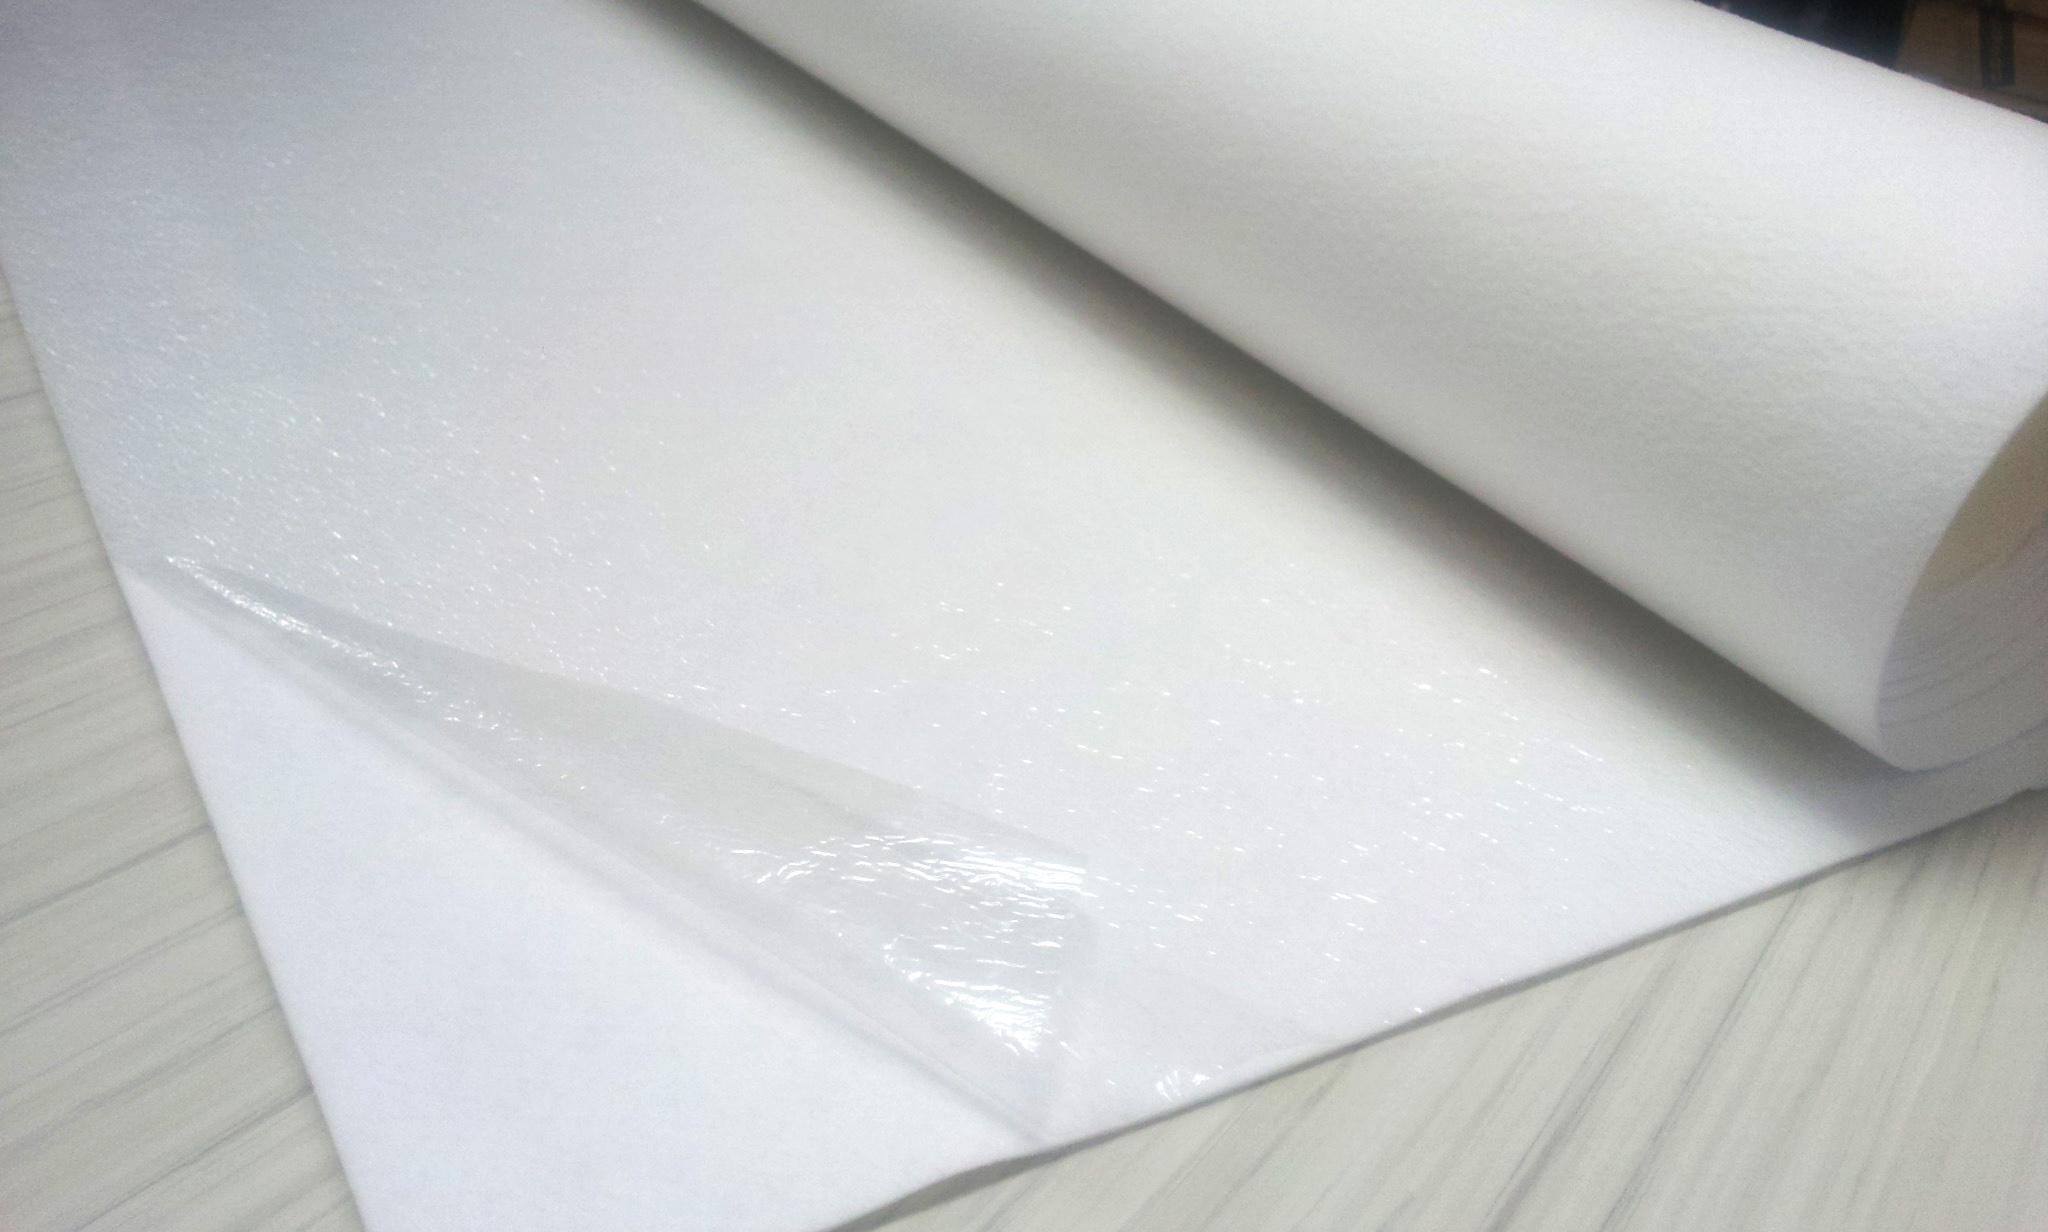 Todas nuestros rollos de moquetas se sirven con una capa protectora que evita que la moqueta se deteriore, manche o coja polvo en nuestros almacenes.